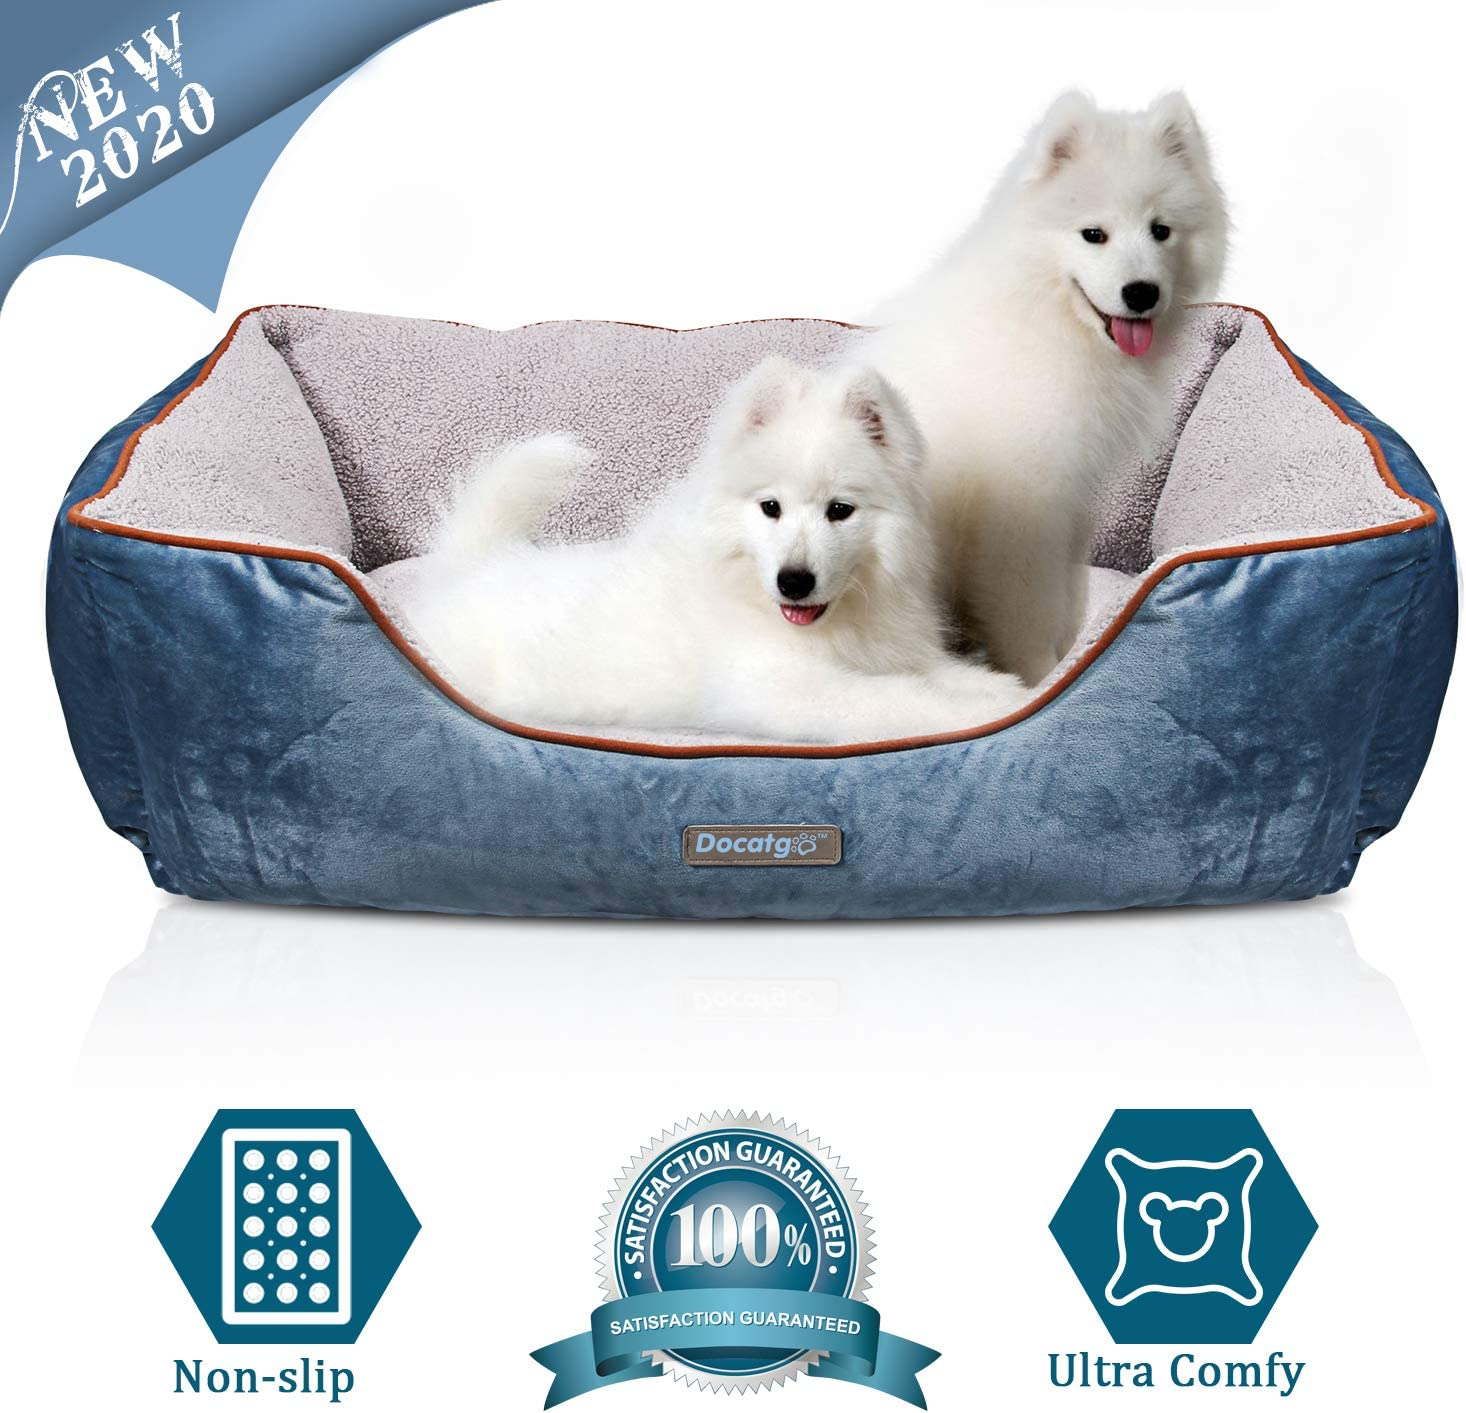 Docatgo Camas para Perros,Cama para Mascotas con Suave cojín Desmontable 80x60x25cm, Perros De Perrito Sofa con Suave cojín Desmontable